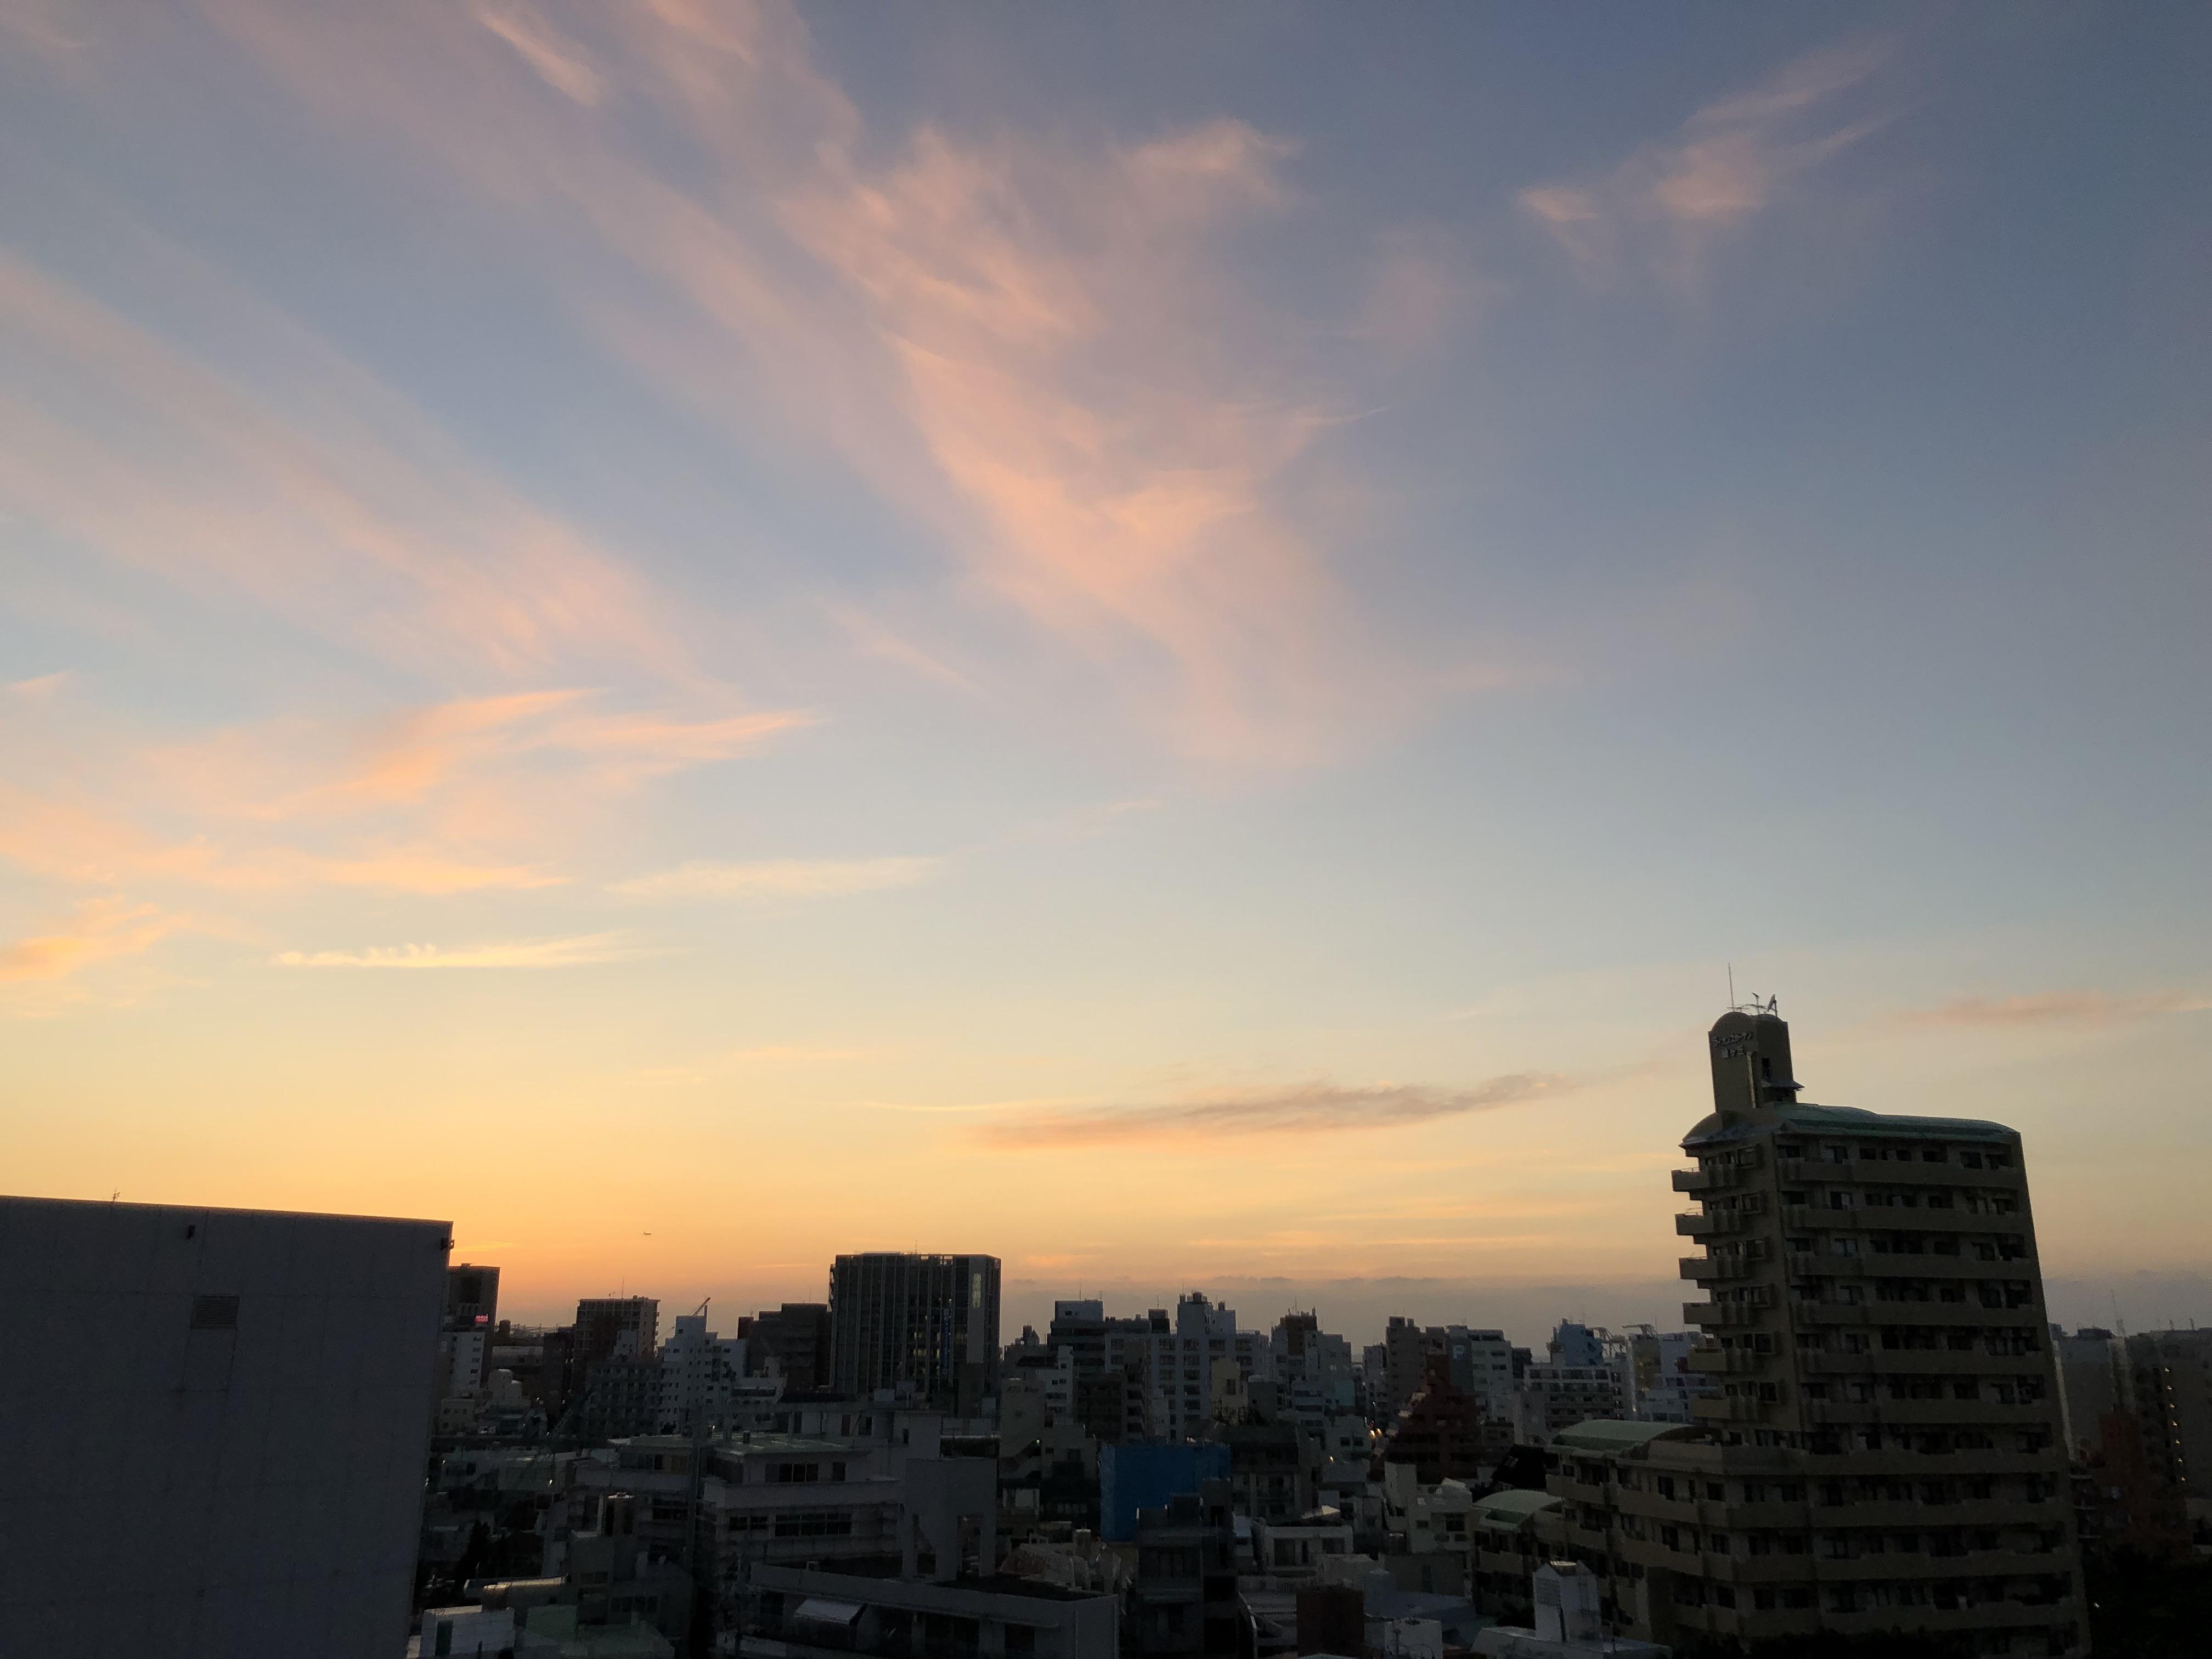 4月15日 今日の沖縄は、晴れ